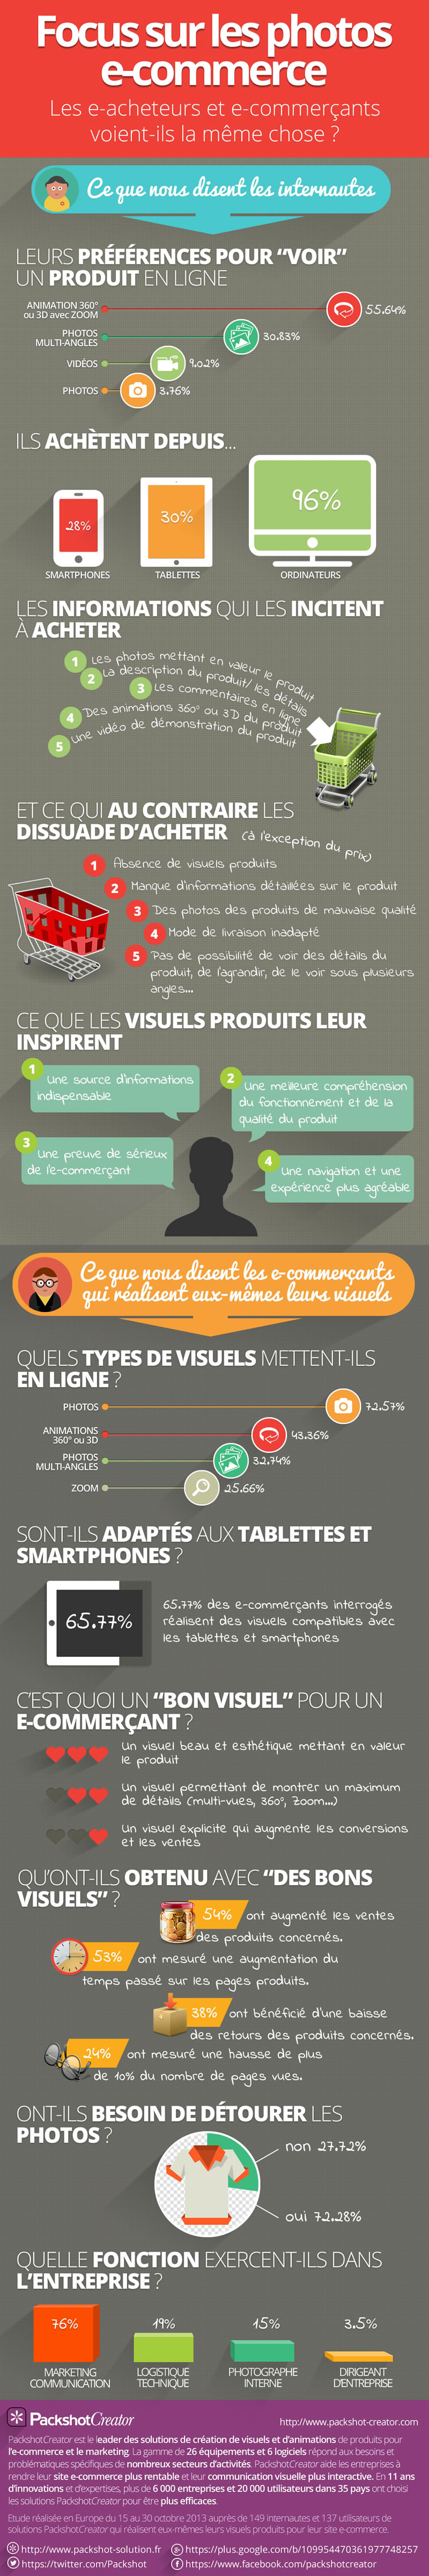 fiche-produit-ecommerce-infographie